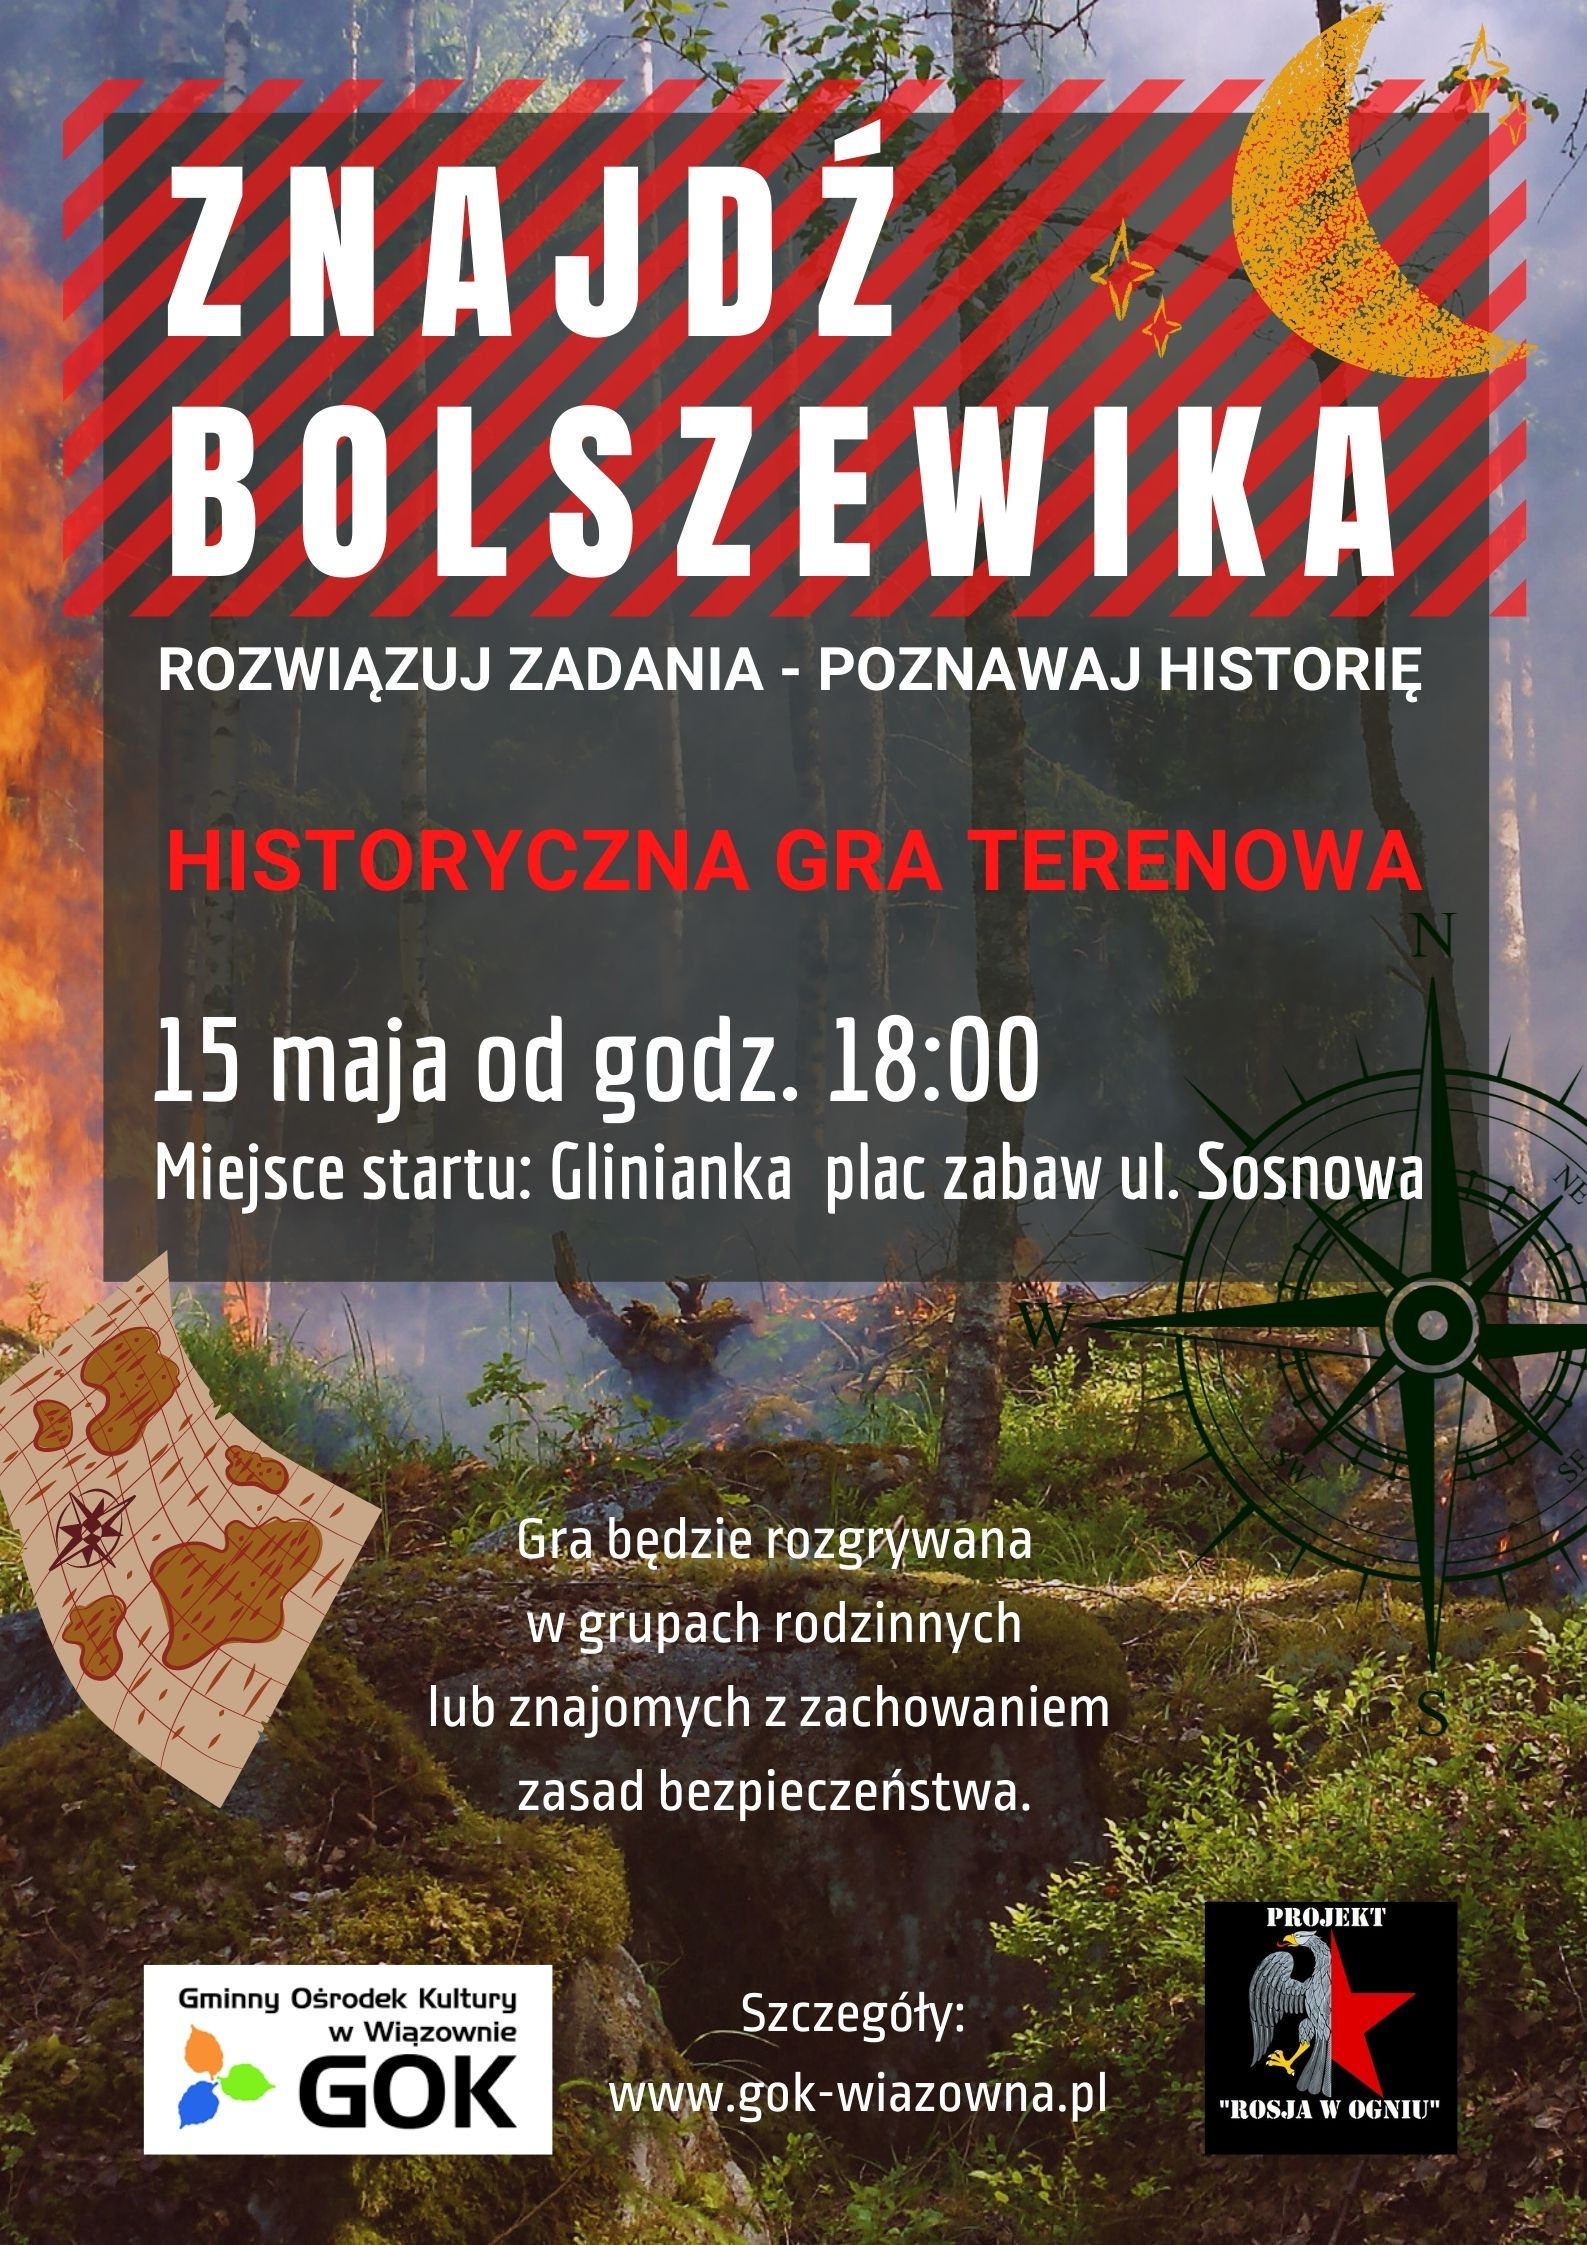 """Plakat historycznej gry terenowej """"Znajdź bolszewika"""", która odbędzie się 15 maja w Gliniance."""